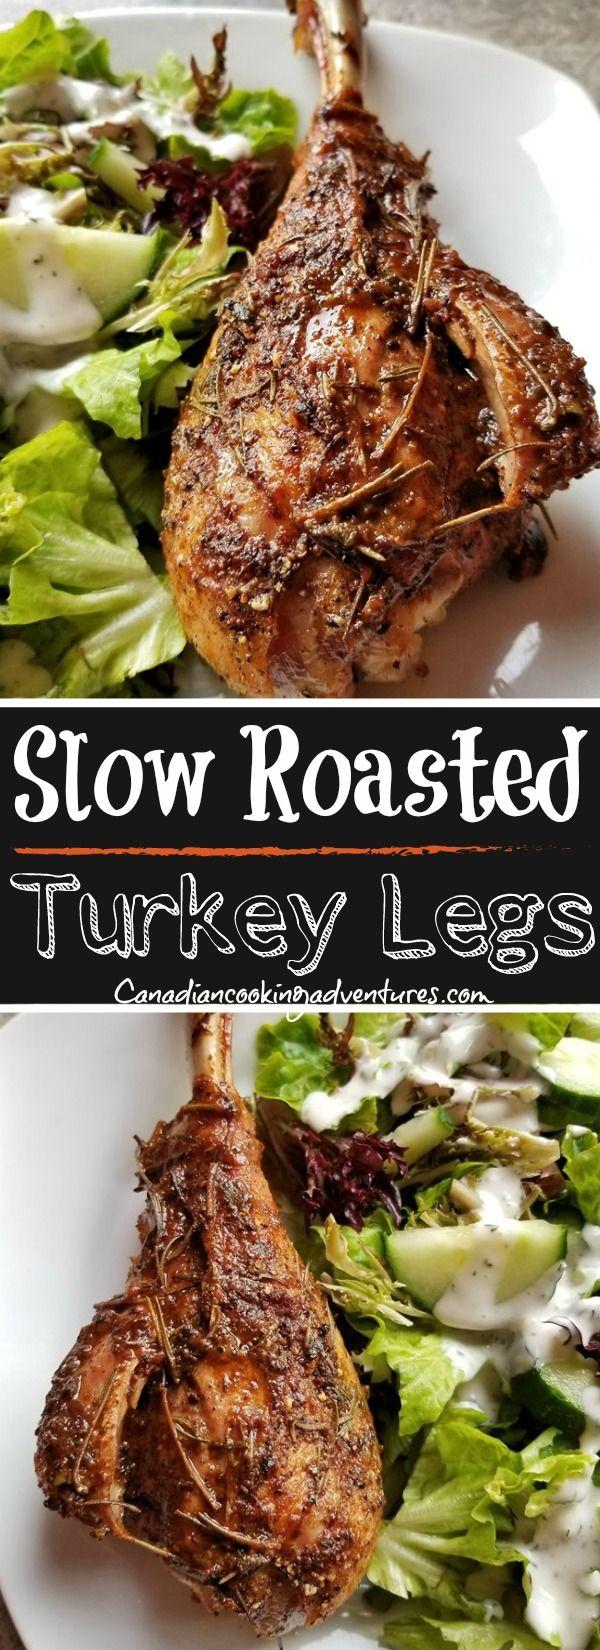 Slow Roasted Turkey Legs in 2020   Roasted turkey legs ...